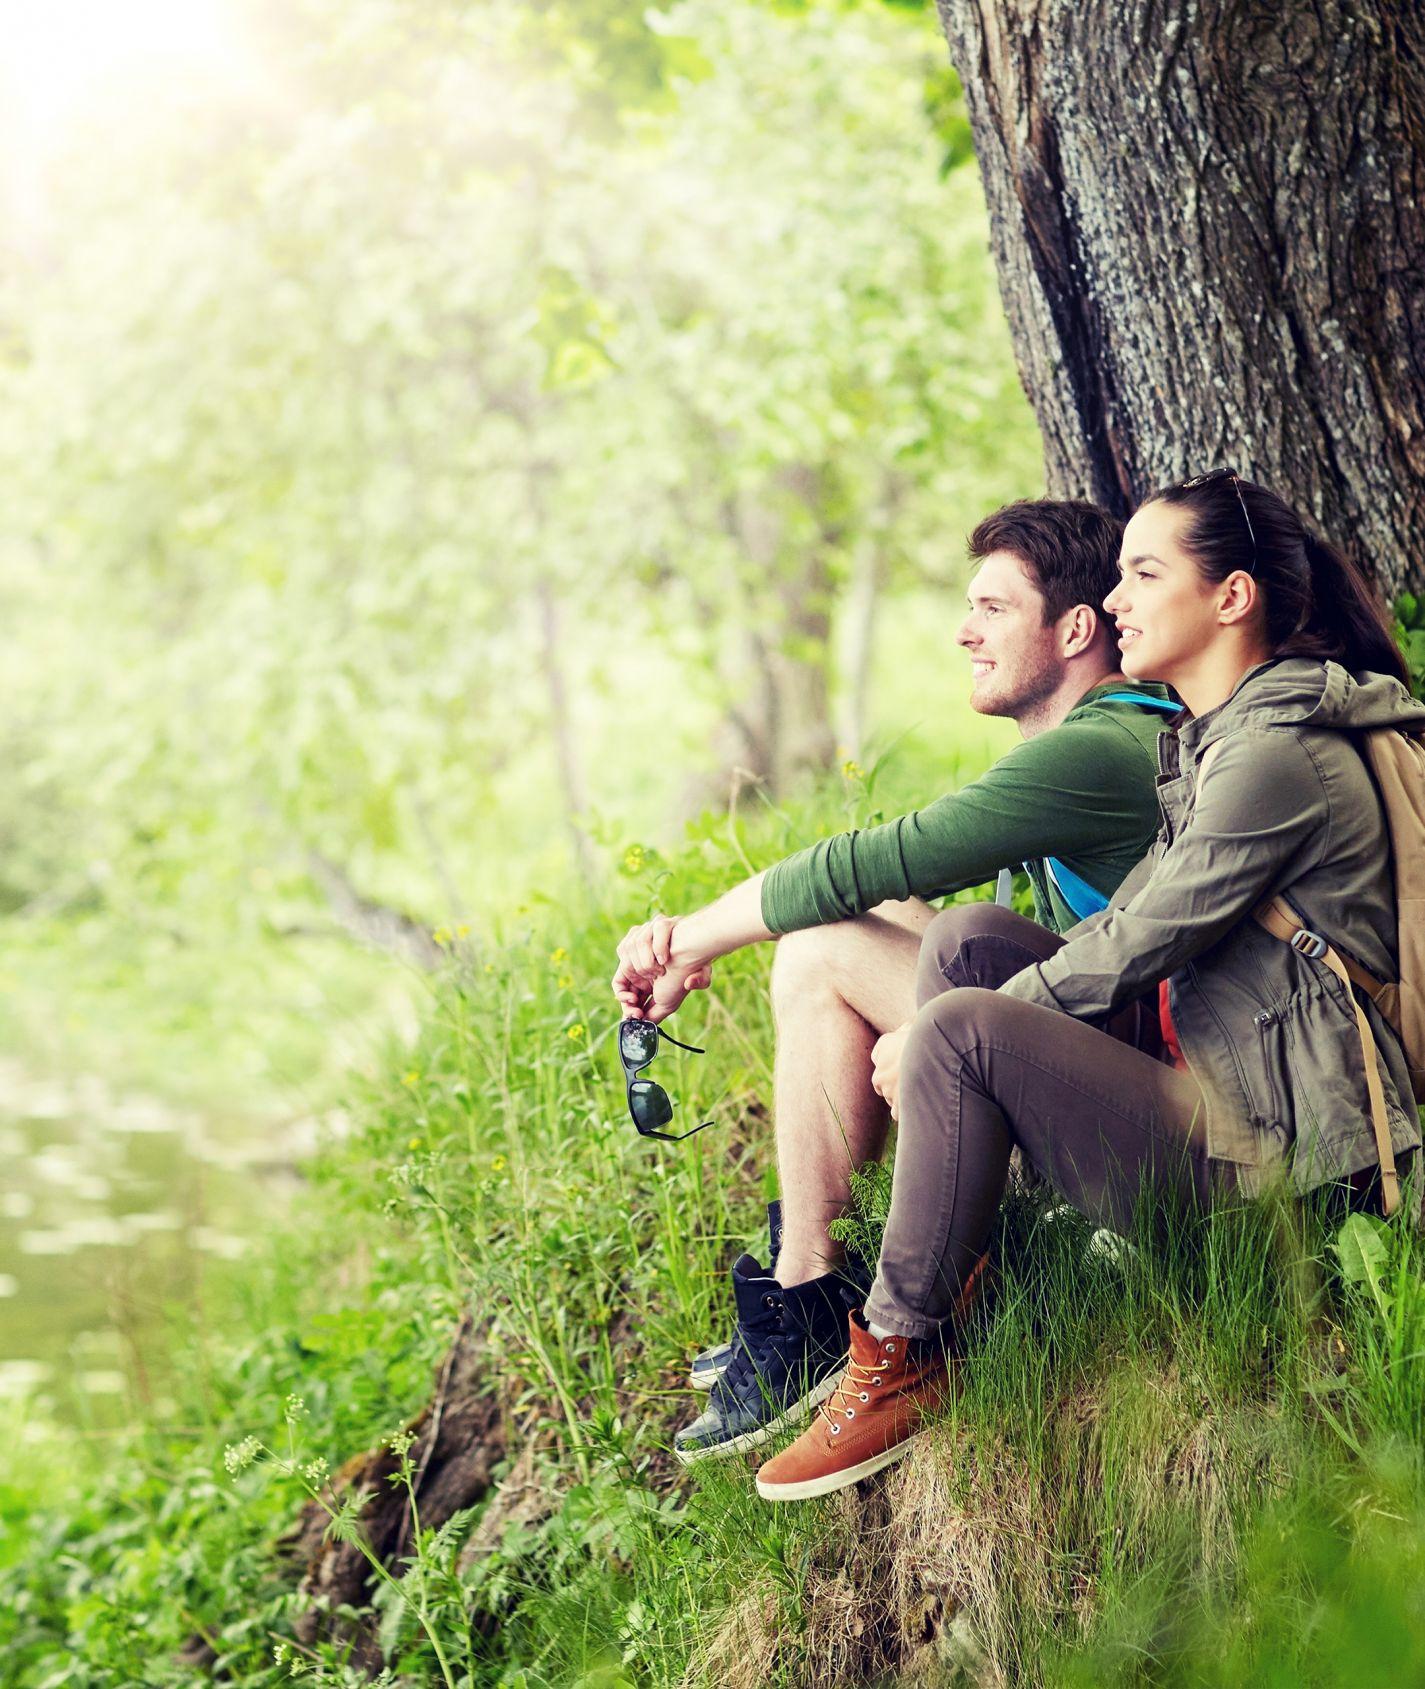 ein junger Mann und eine junge Frau sitzen an einem Ufer und schauen in die Ferne